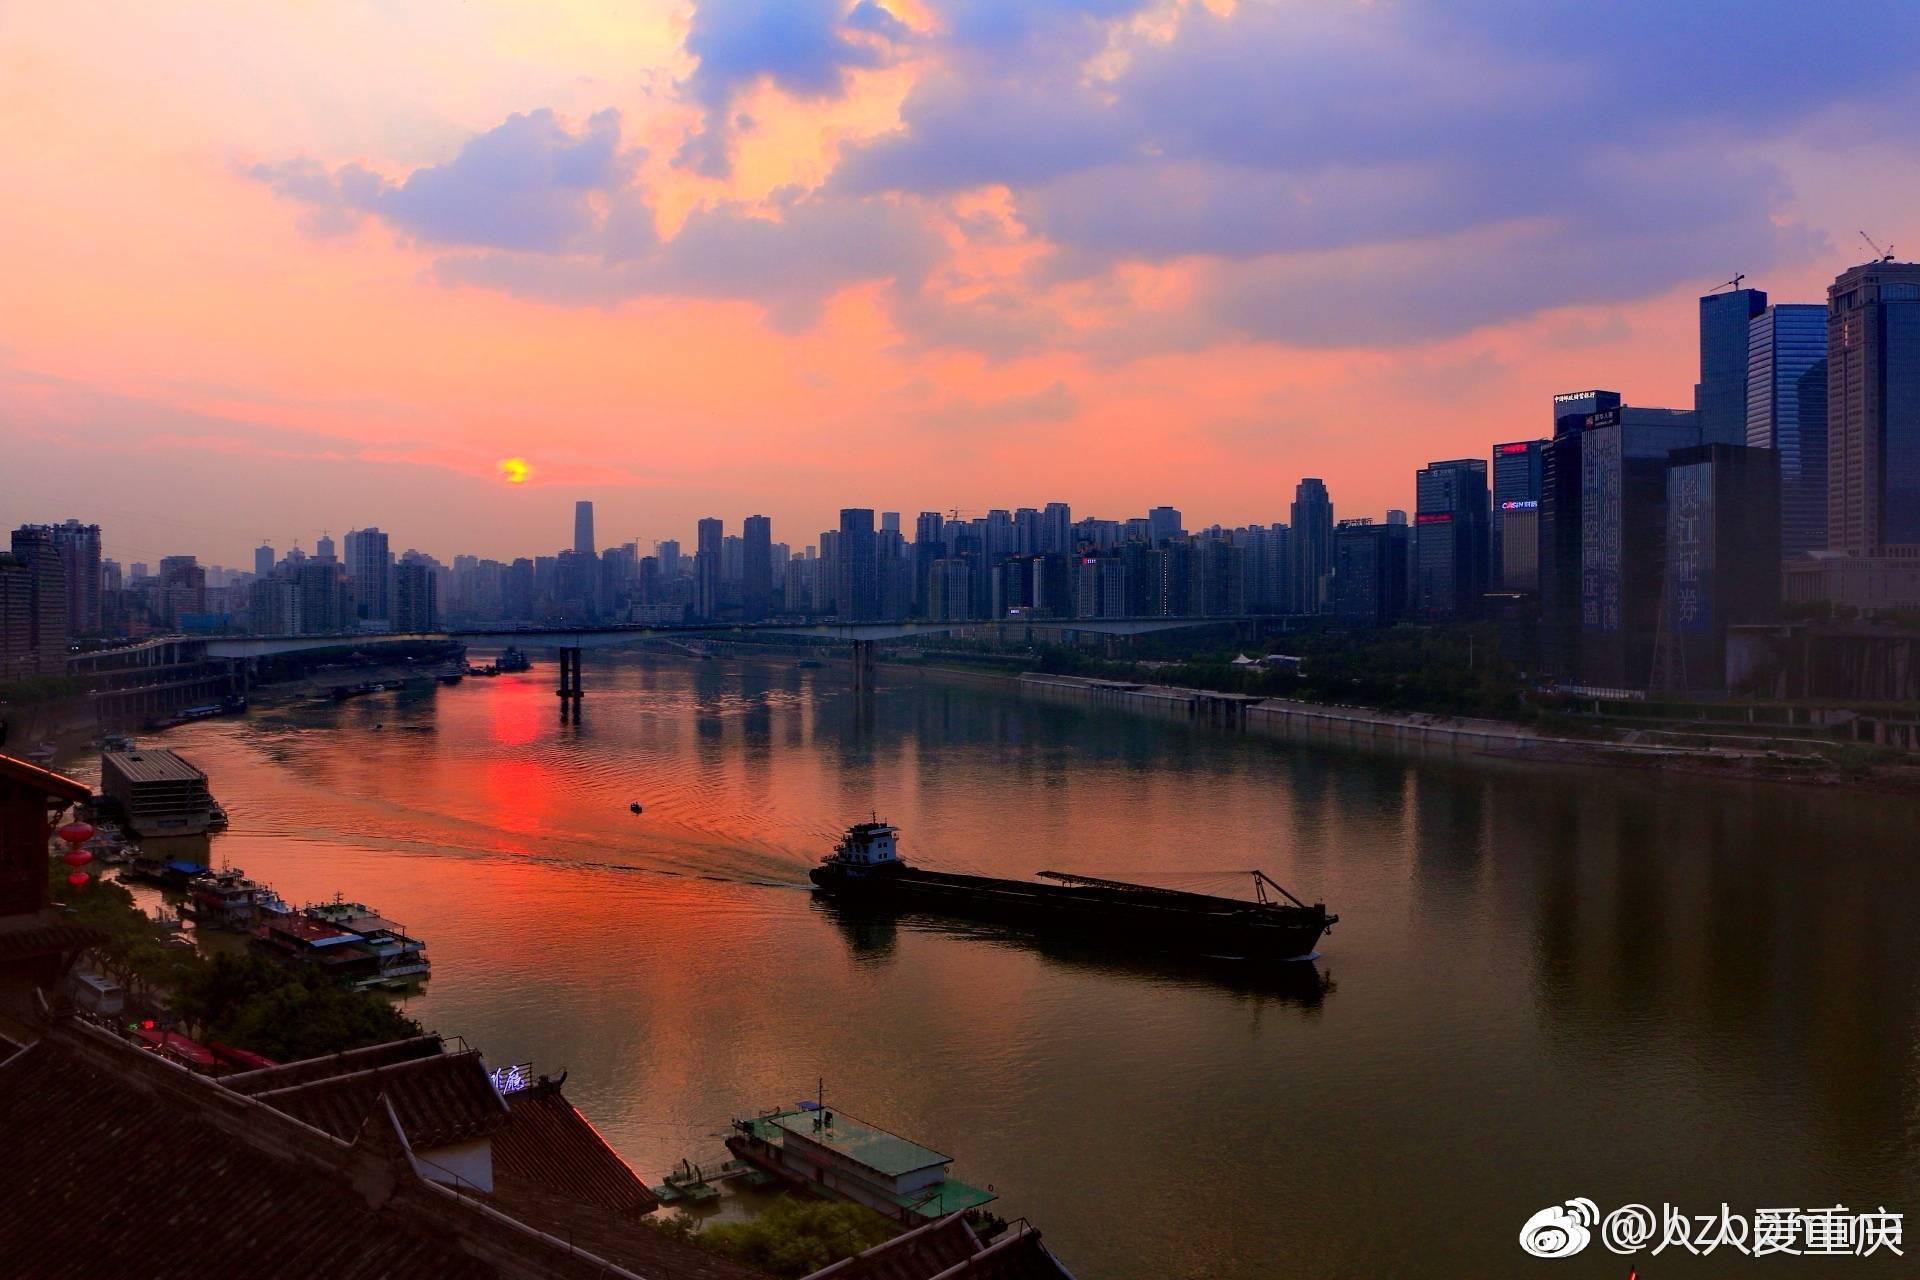 重庆傍晚是美丽的